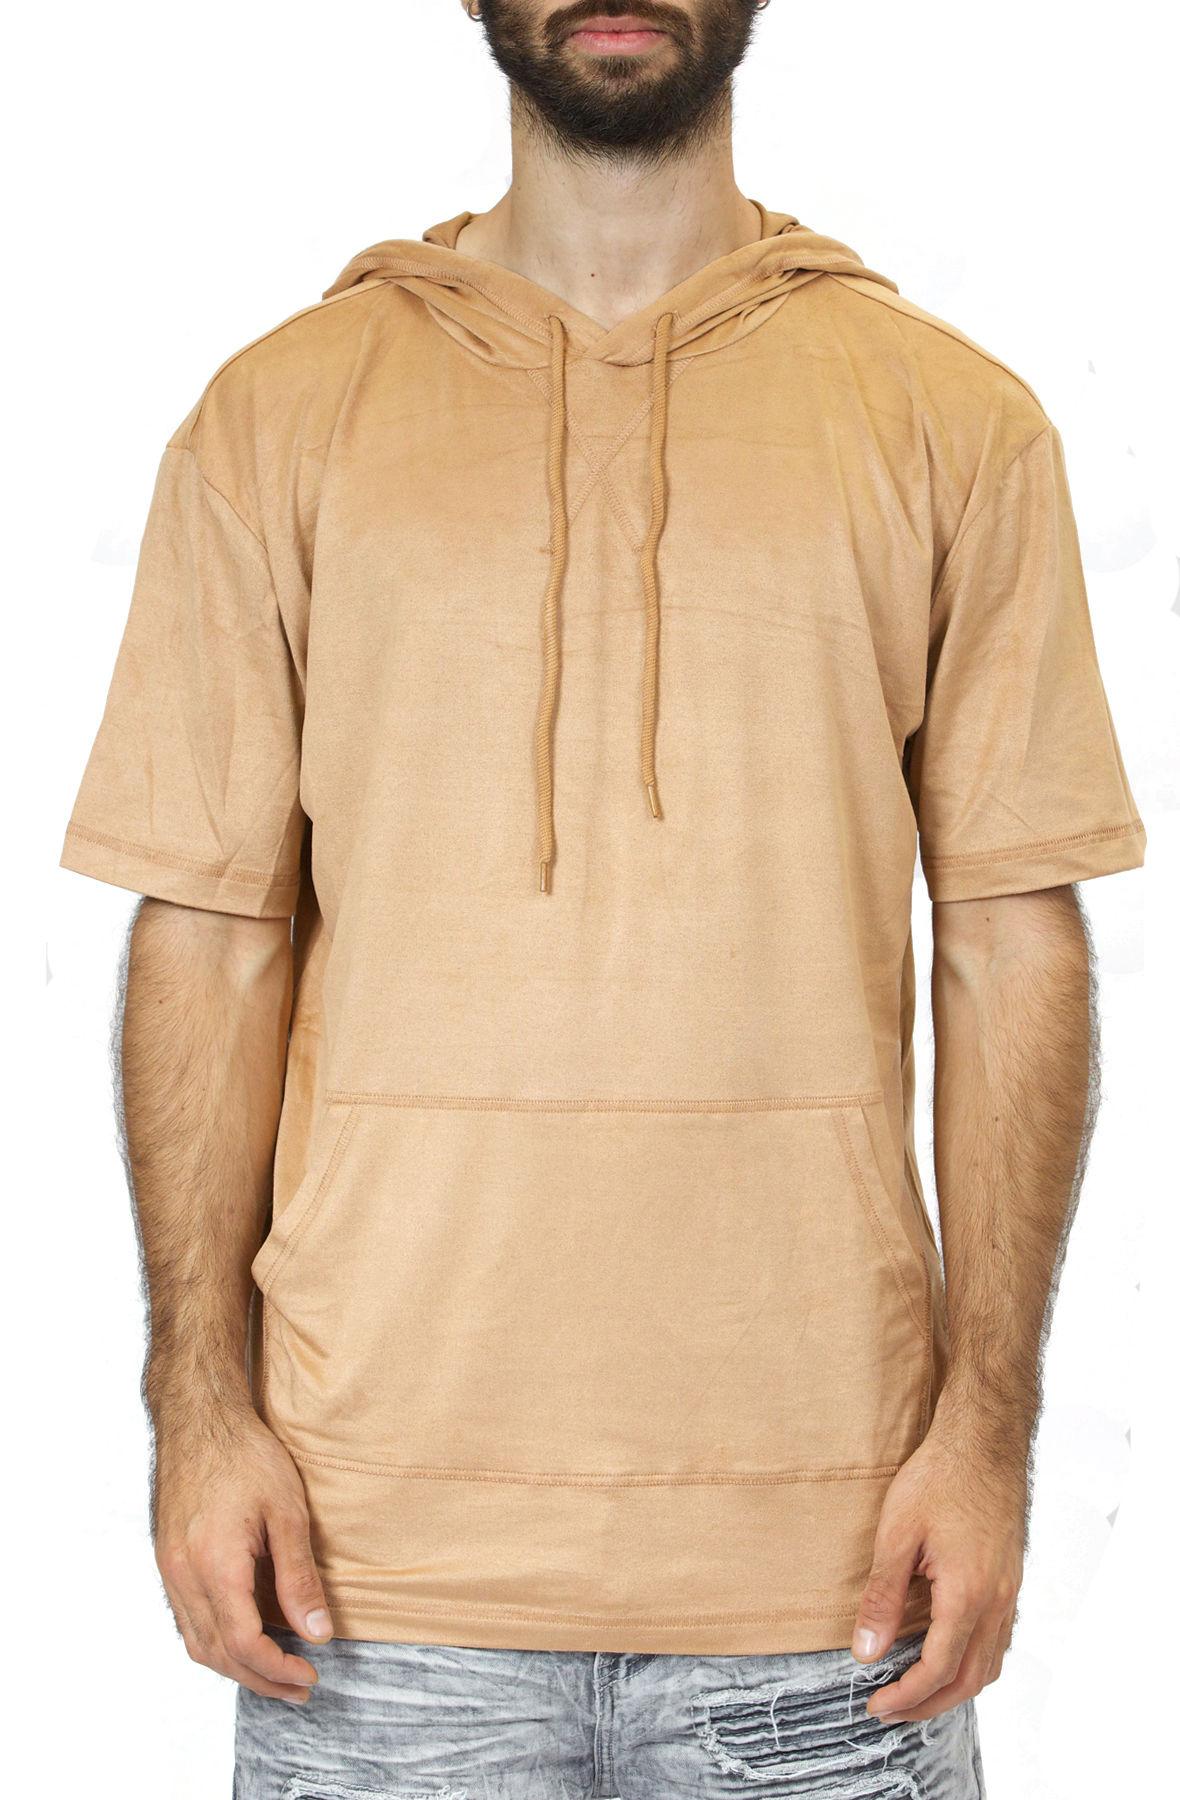 Image of Short Sleeve Suede Hoodie / Khaki